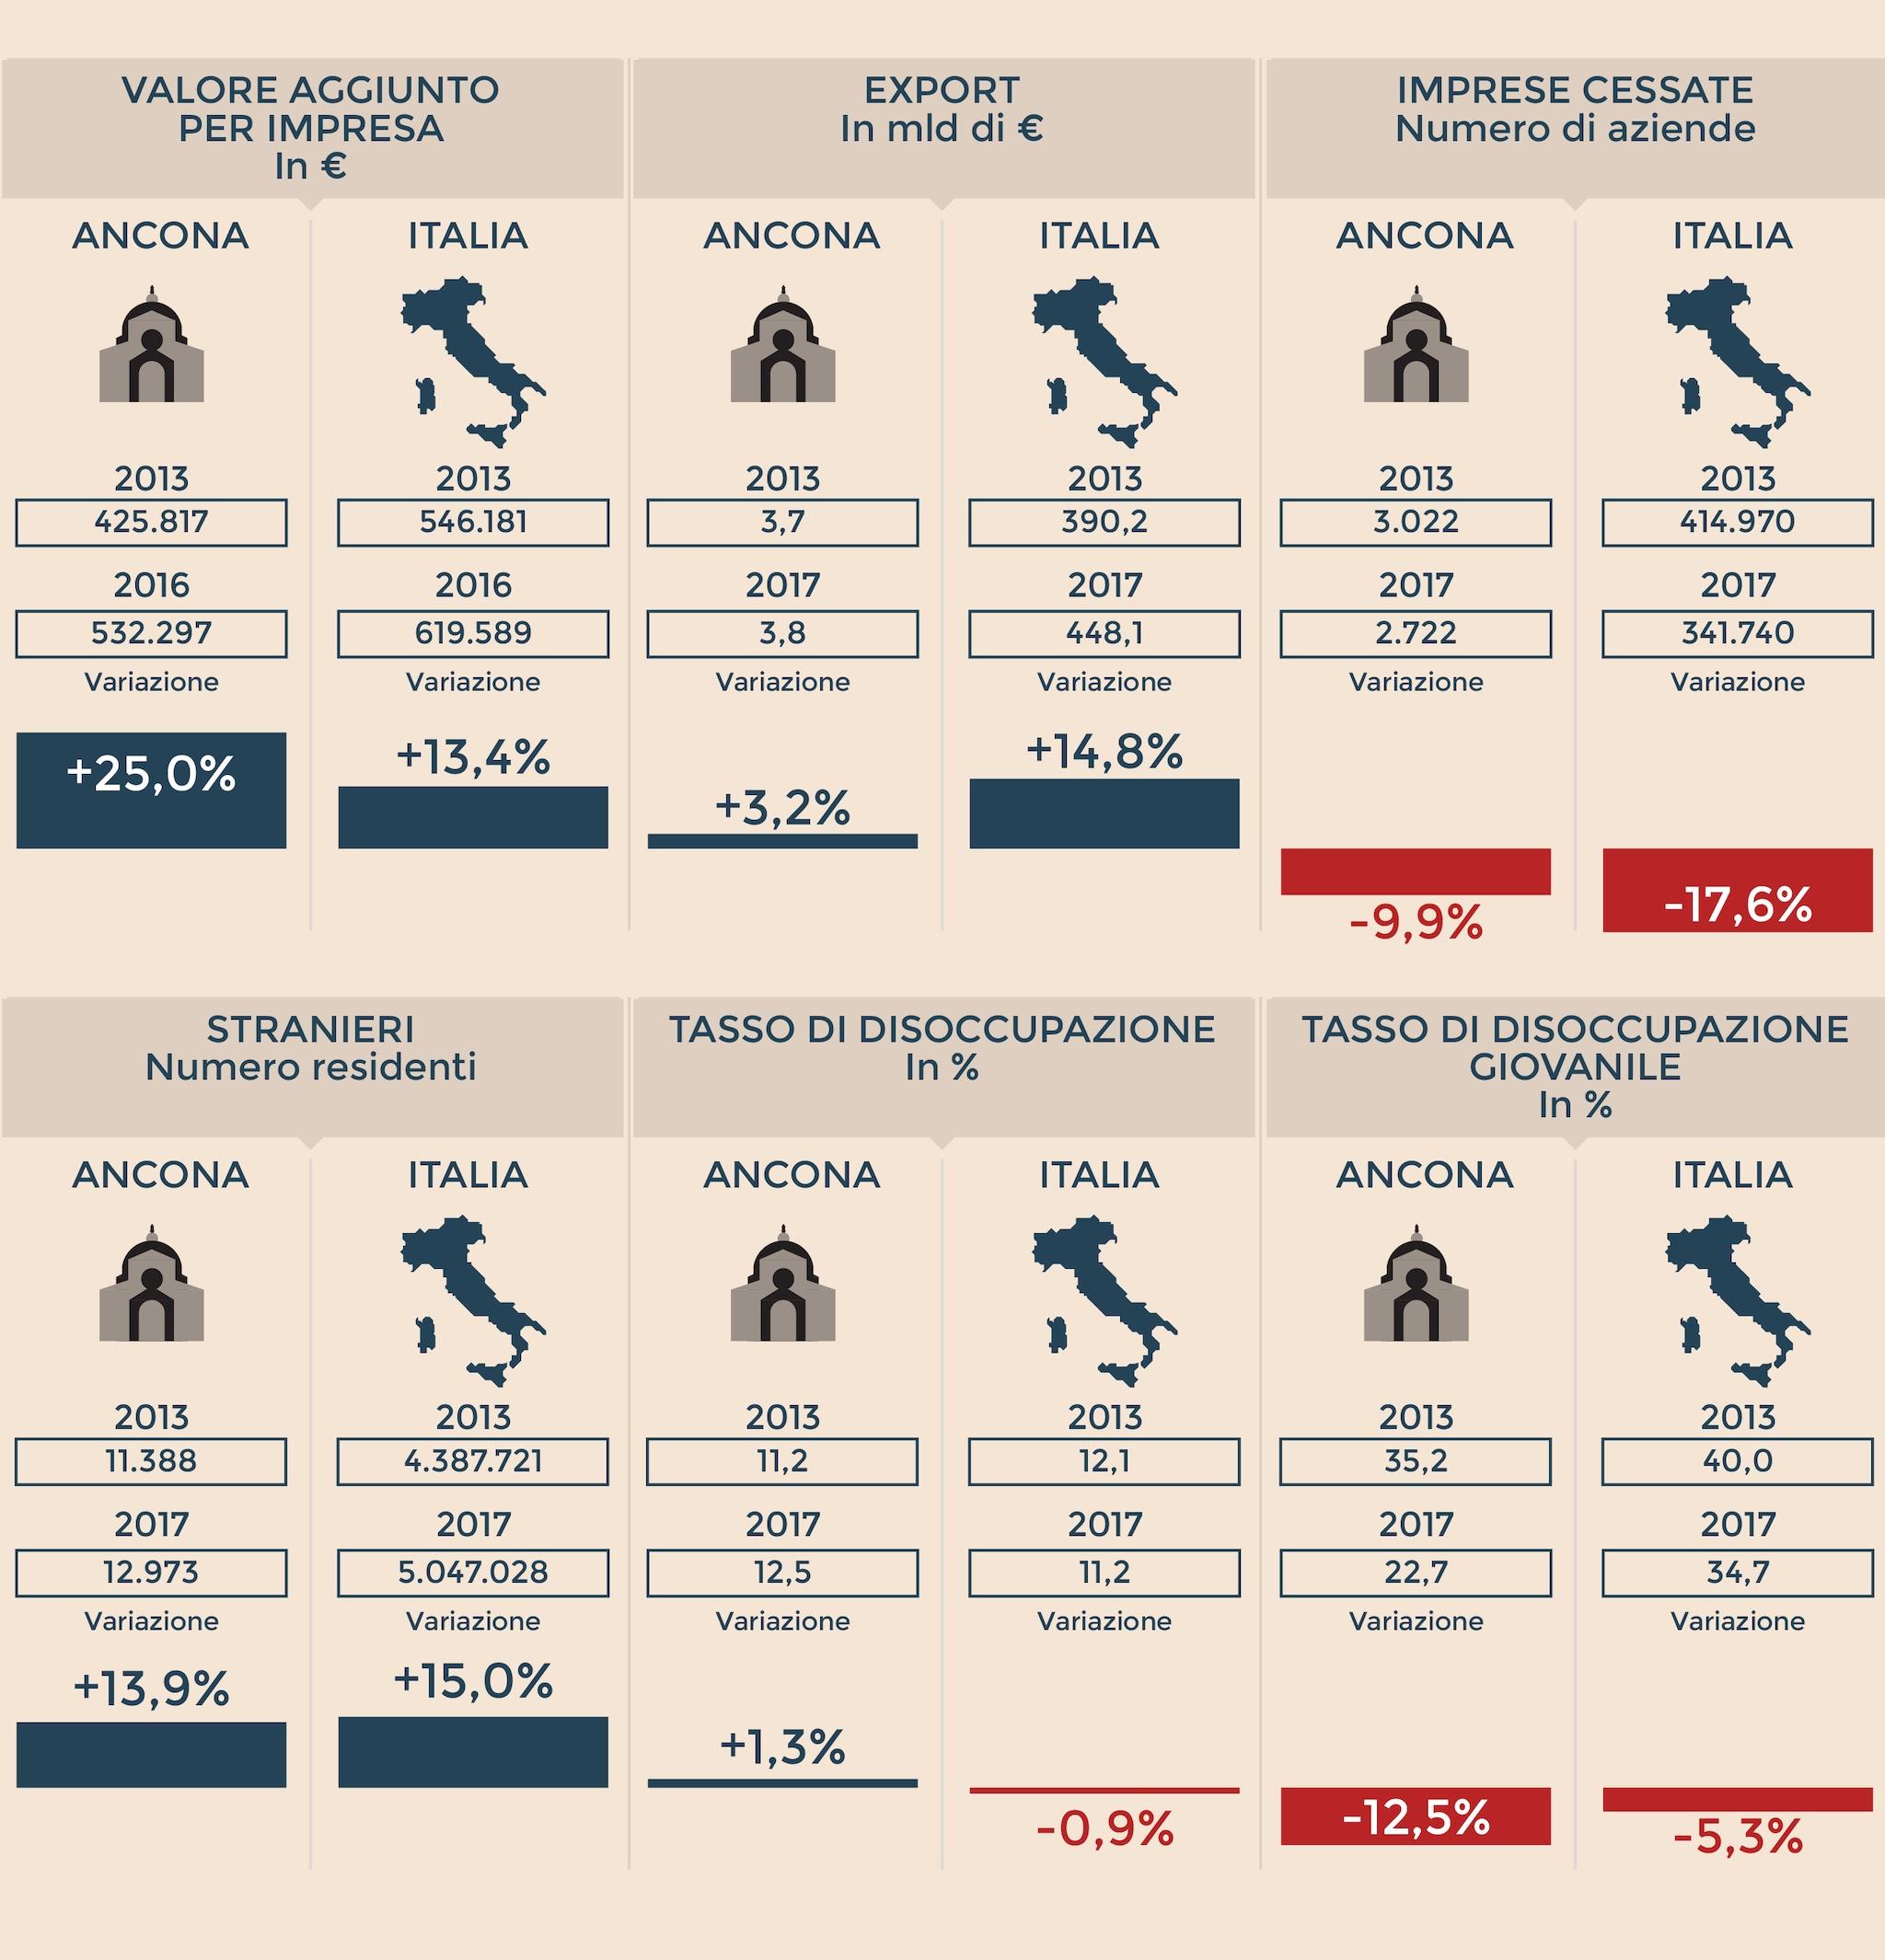 L'identikit economico di Ancona